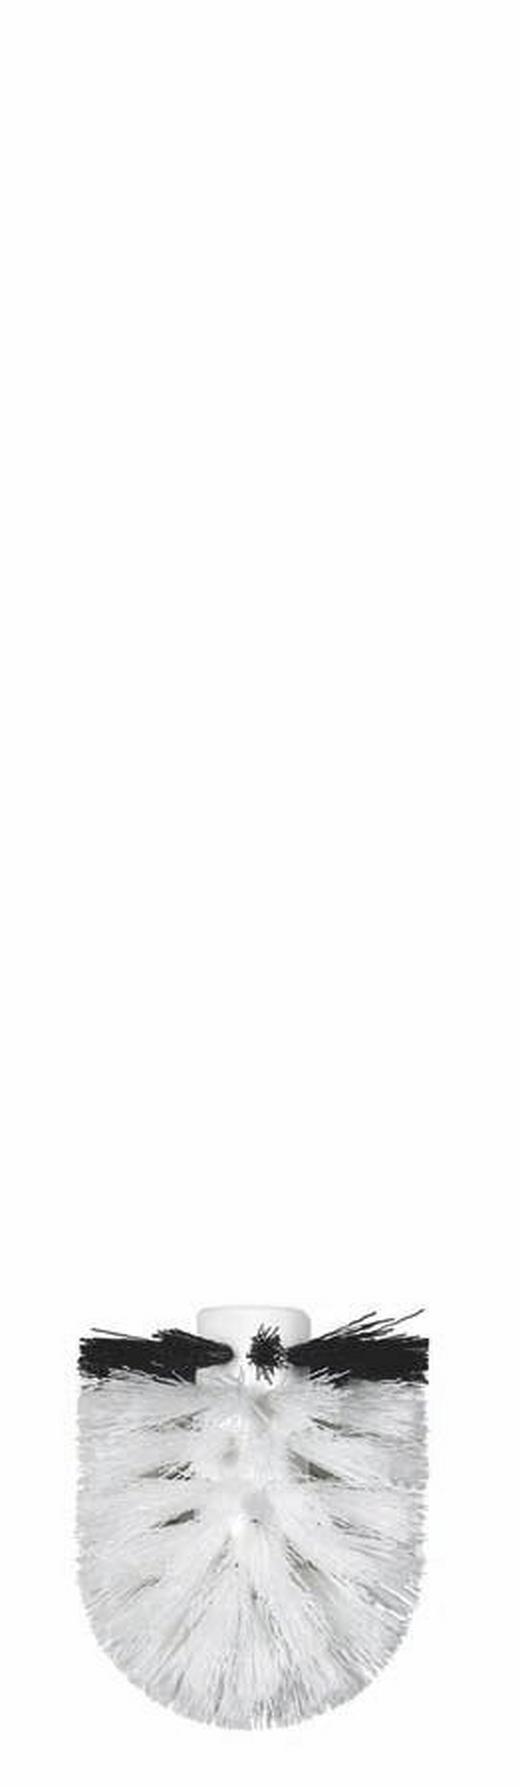 ERSATZBÜRSTENKOPF - Schwarz/Weiß, Basics, Kunststoff (8cm) - SPIRELLA